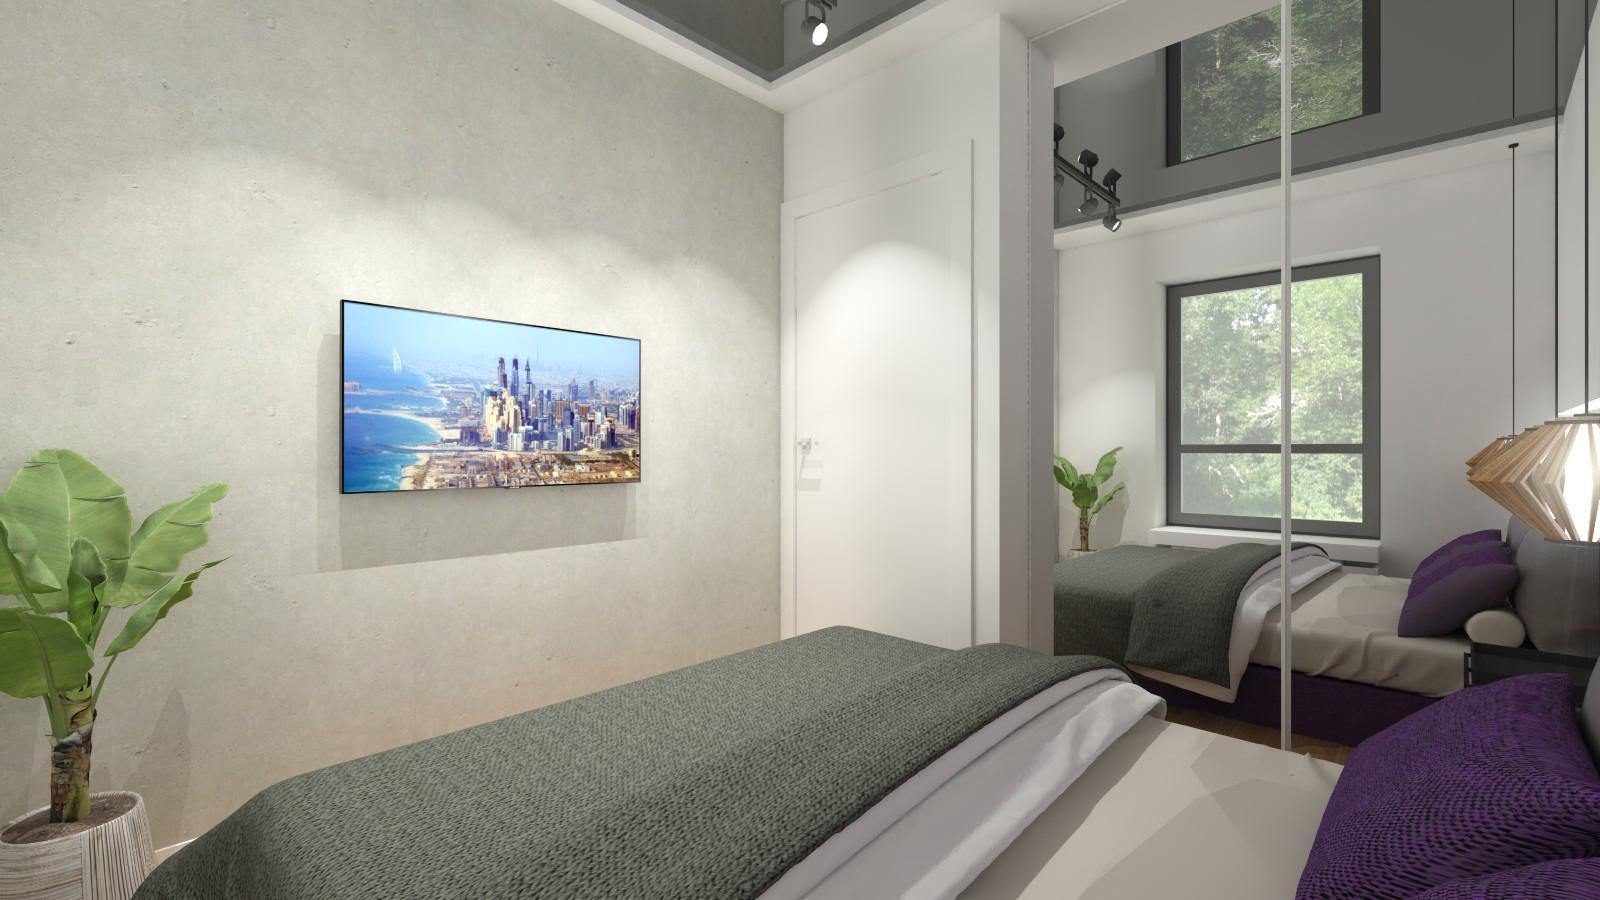 bardzo mała sypialnia bez zasłon, z czarnym sufitem napinanym, szafa z lustrami